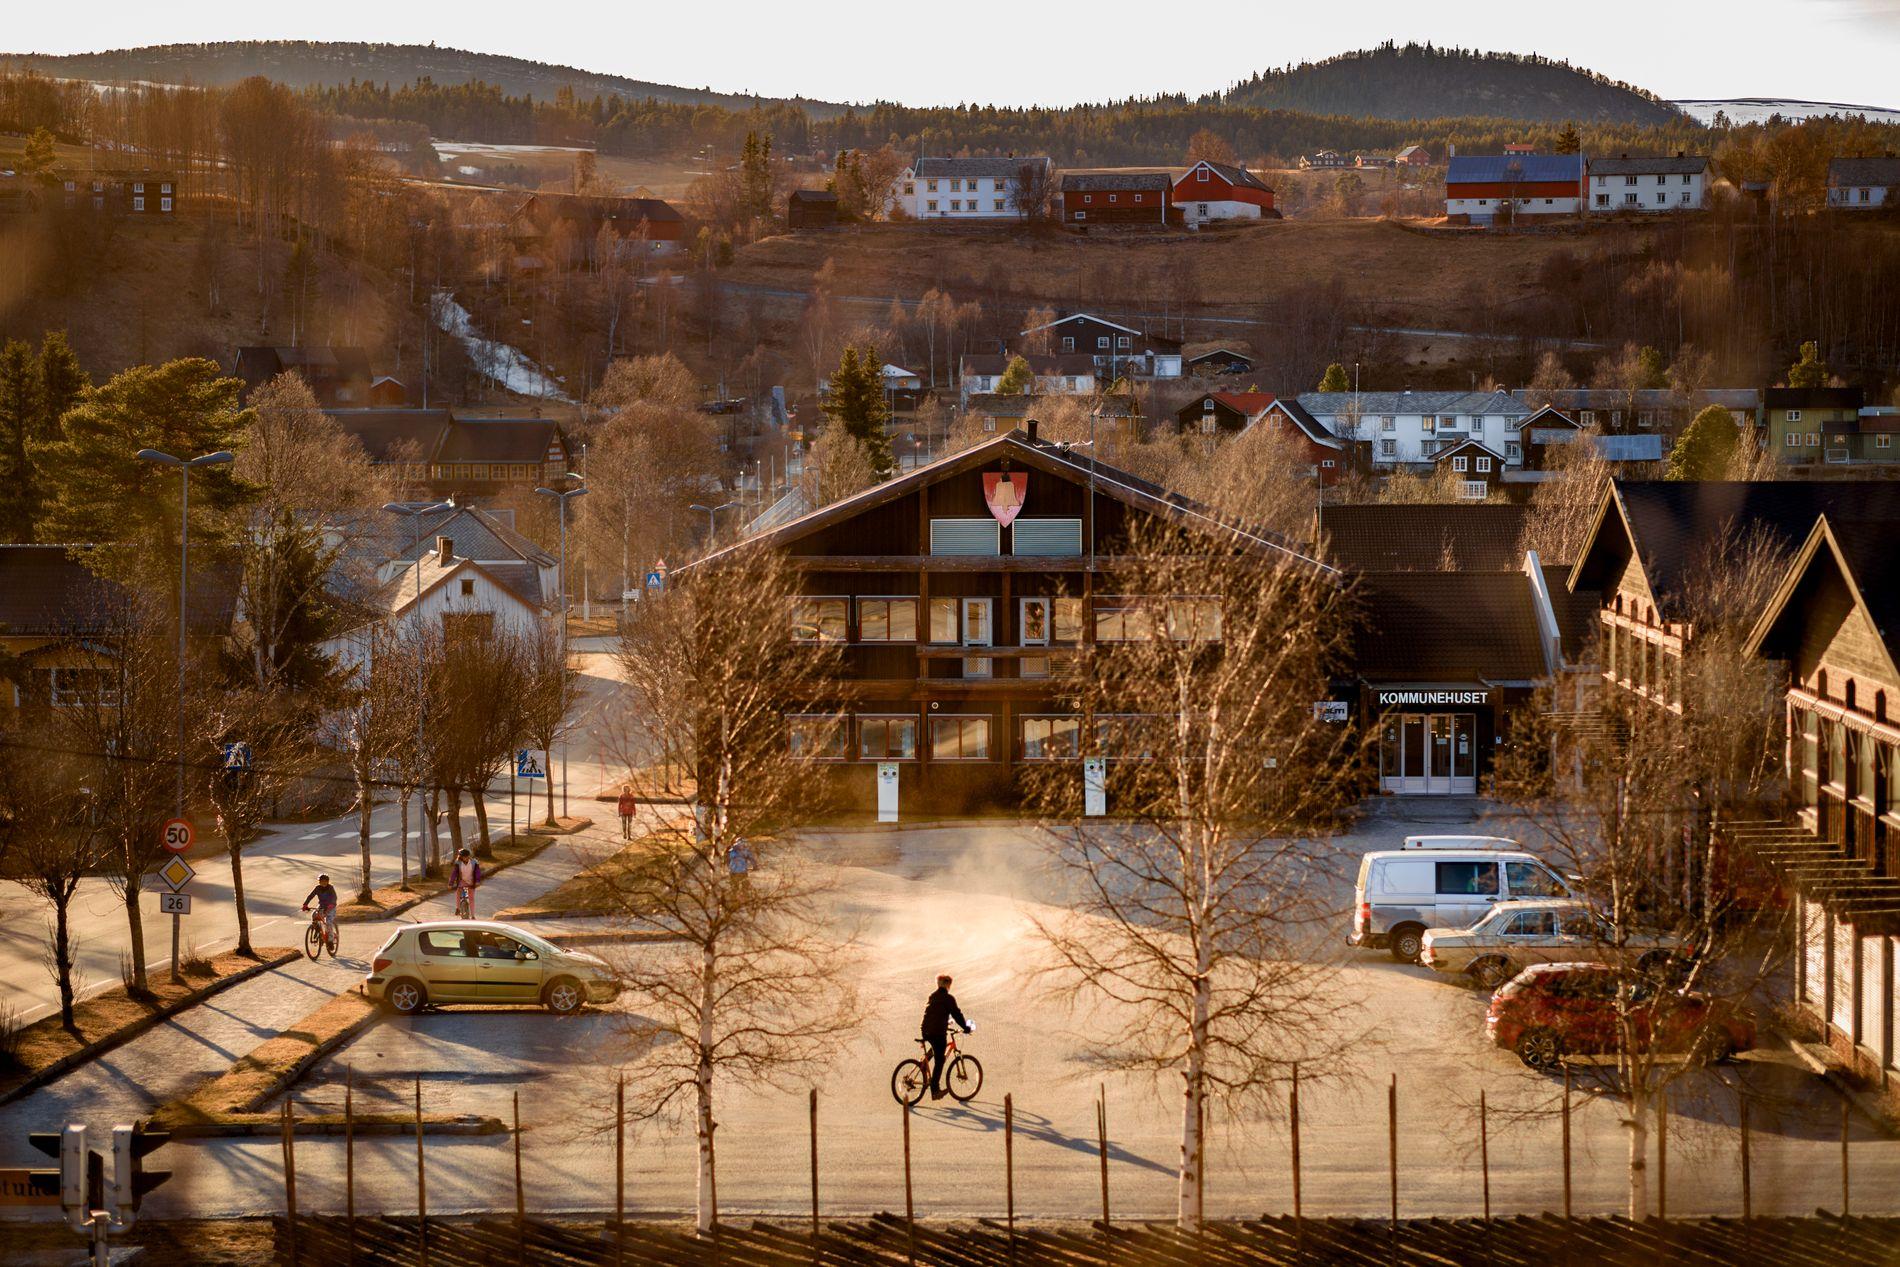 MÅ SVARE: Tolga kommune vil etter alt å dømme få besøk av granskerne fra Fylkesmannsembetet i Hordaland, opplyser granskingsleder Rune Fjeld til VG. På bildet ser vi kommunehuset i Tolga.